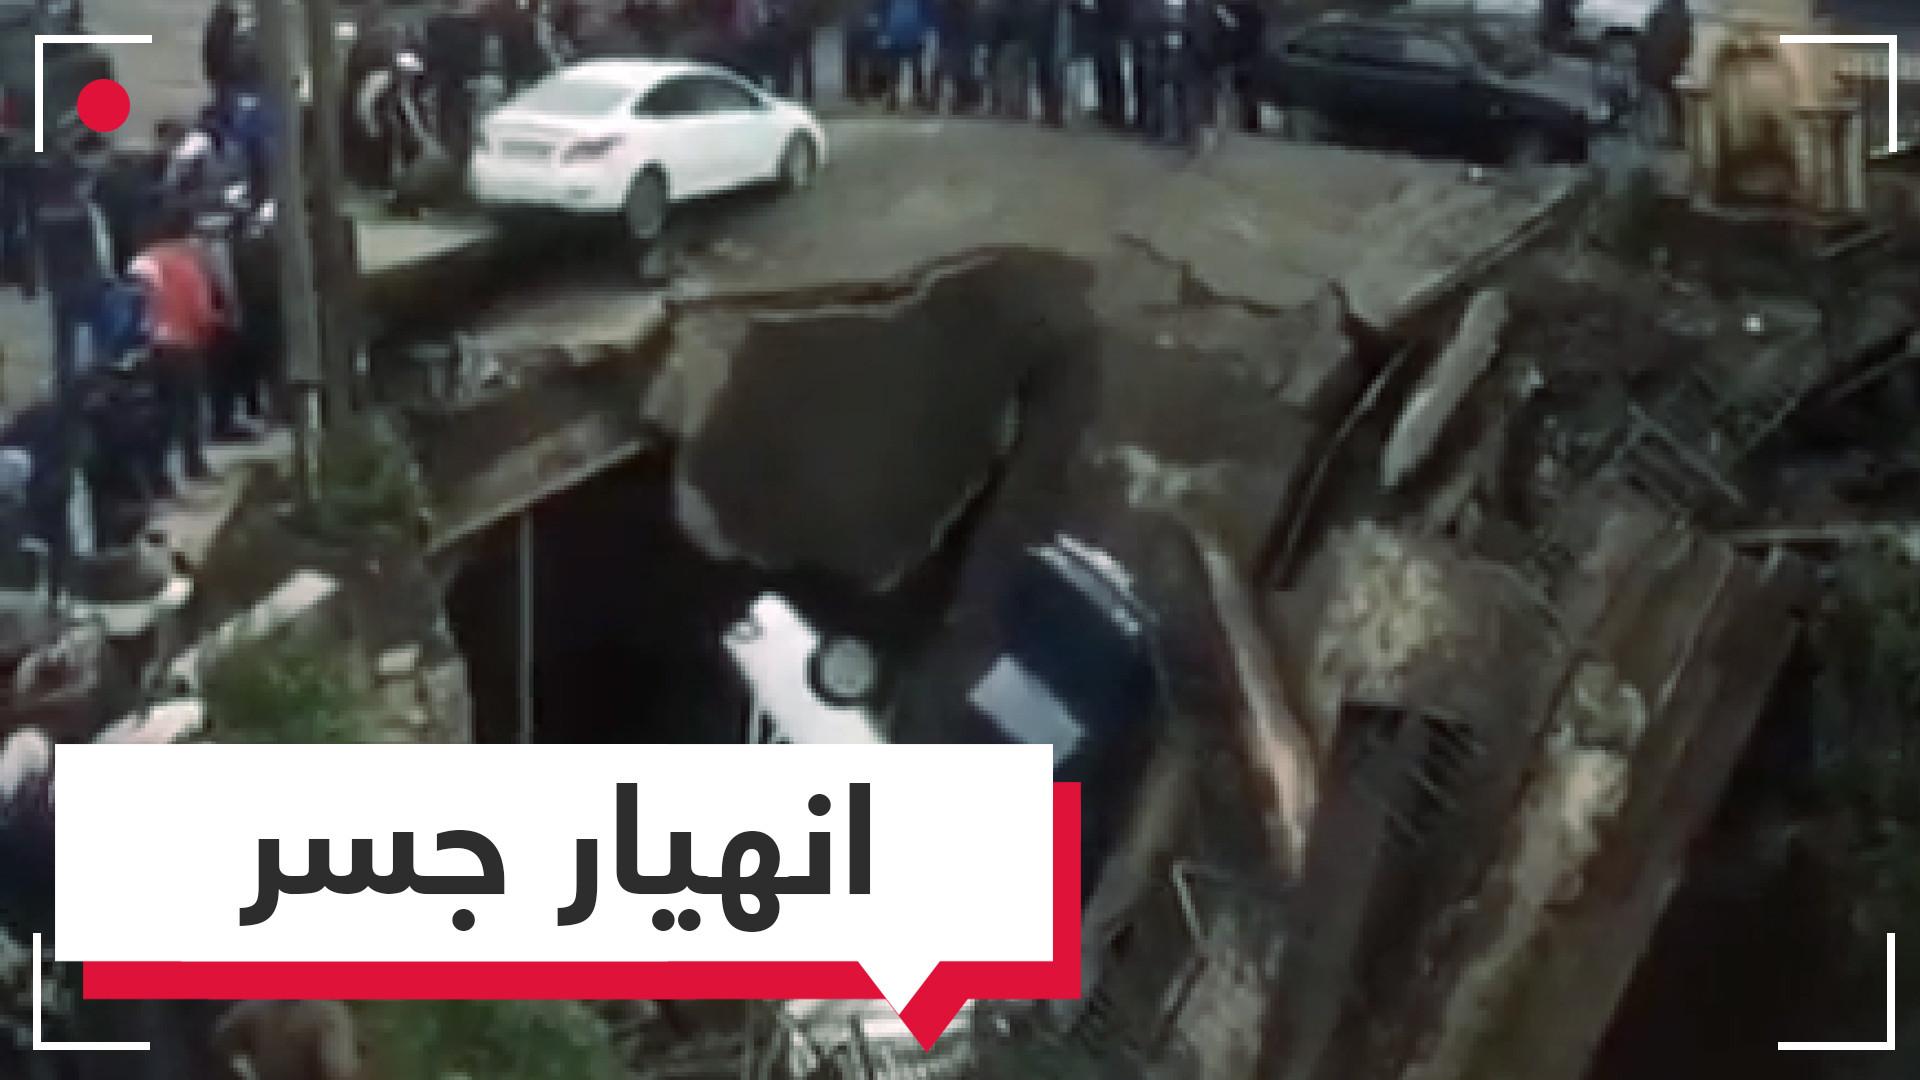 فيديو.. انهيار جسر بسبب حمولة زائدة من سيارات المصلين بداغستان الروسية